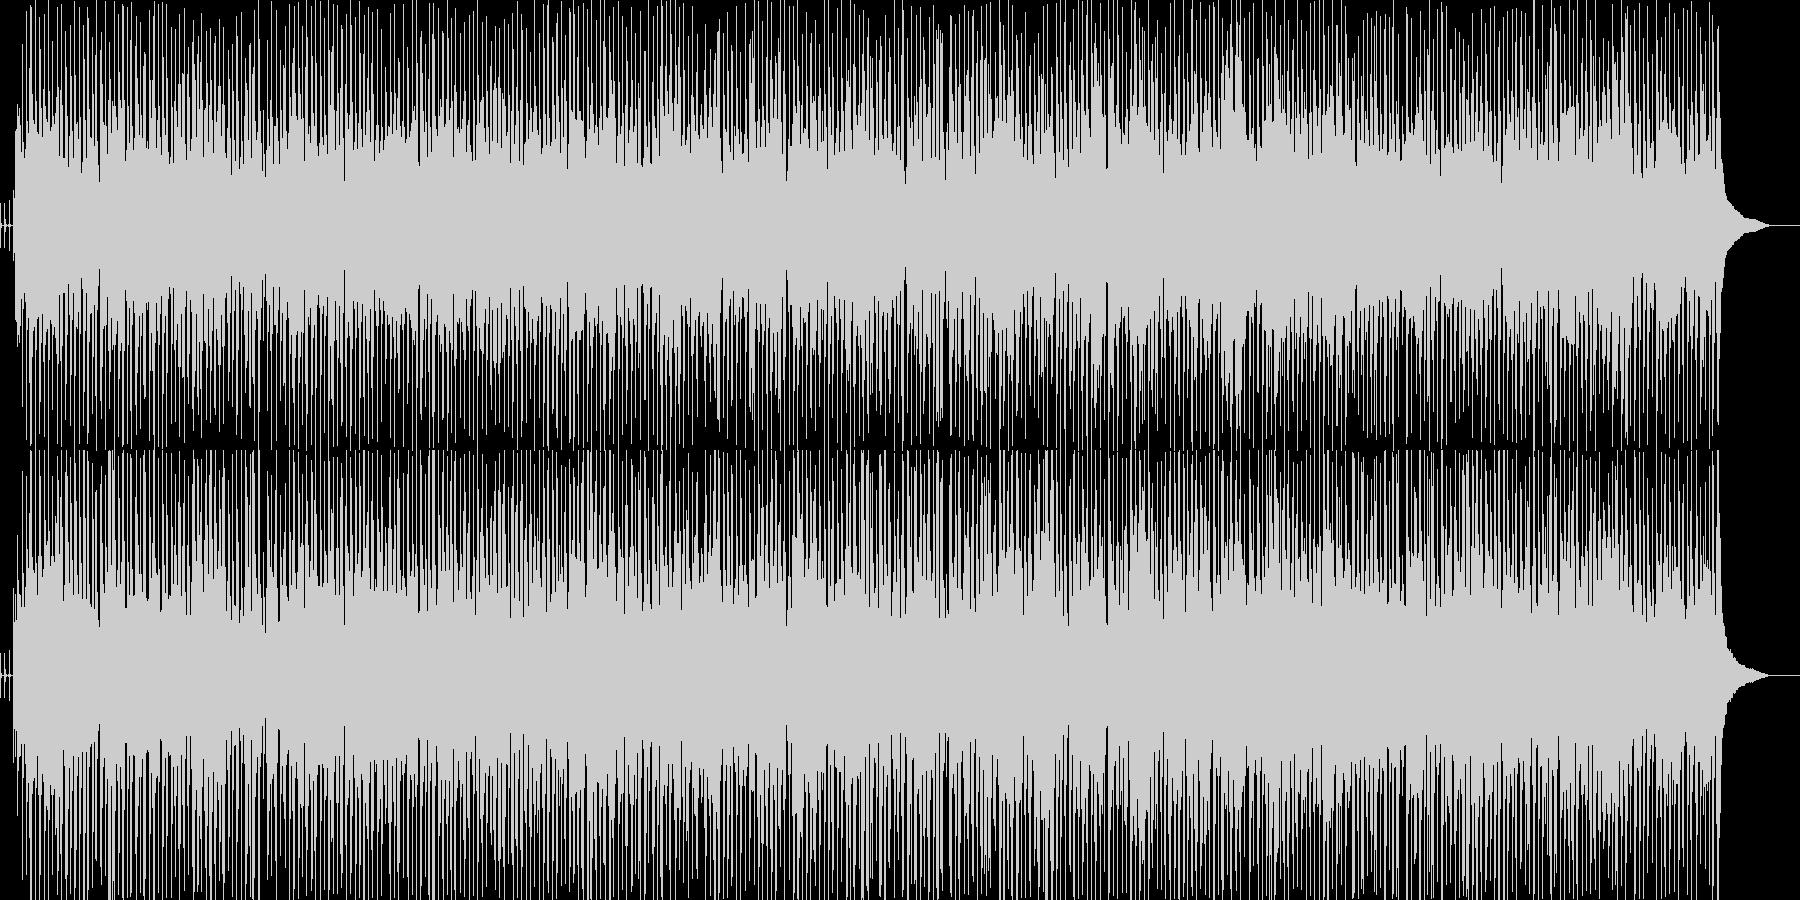 レッスン講座向け音楽01の未再生の波形